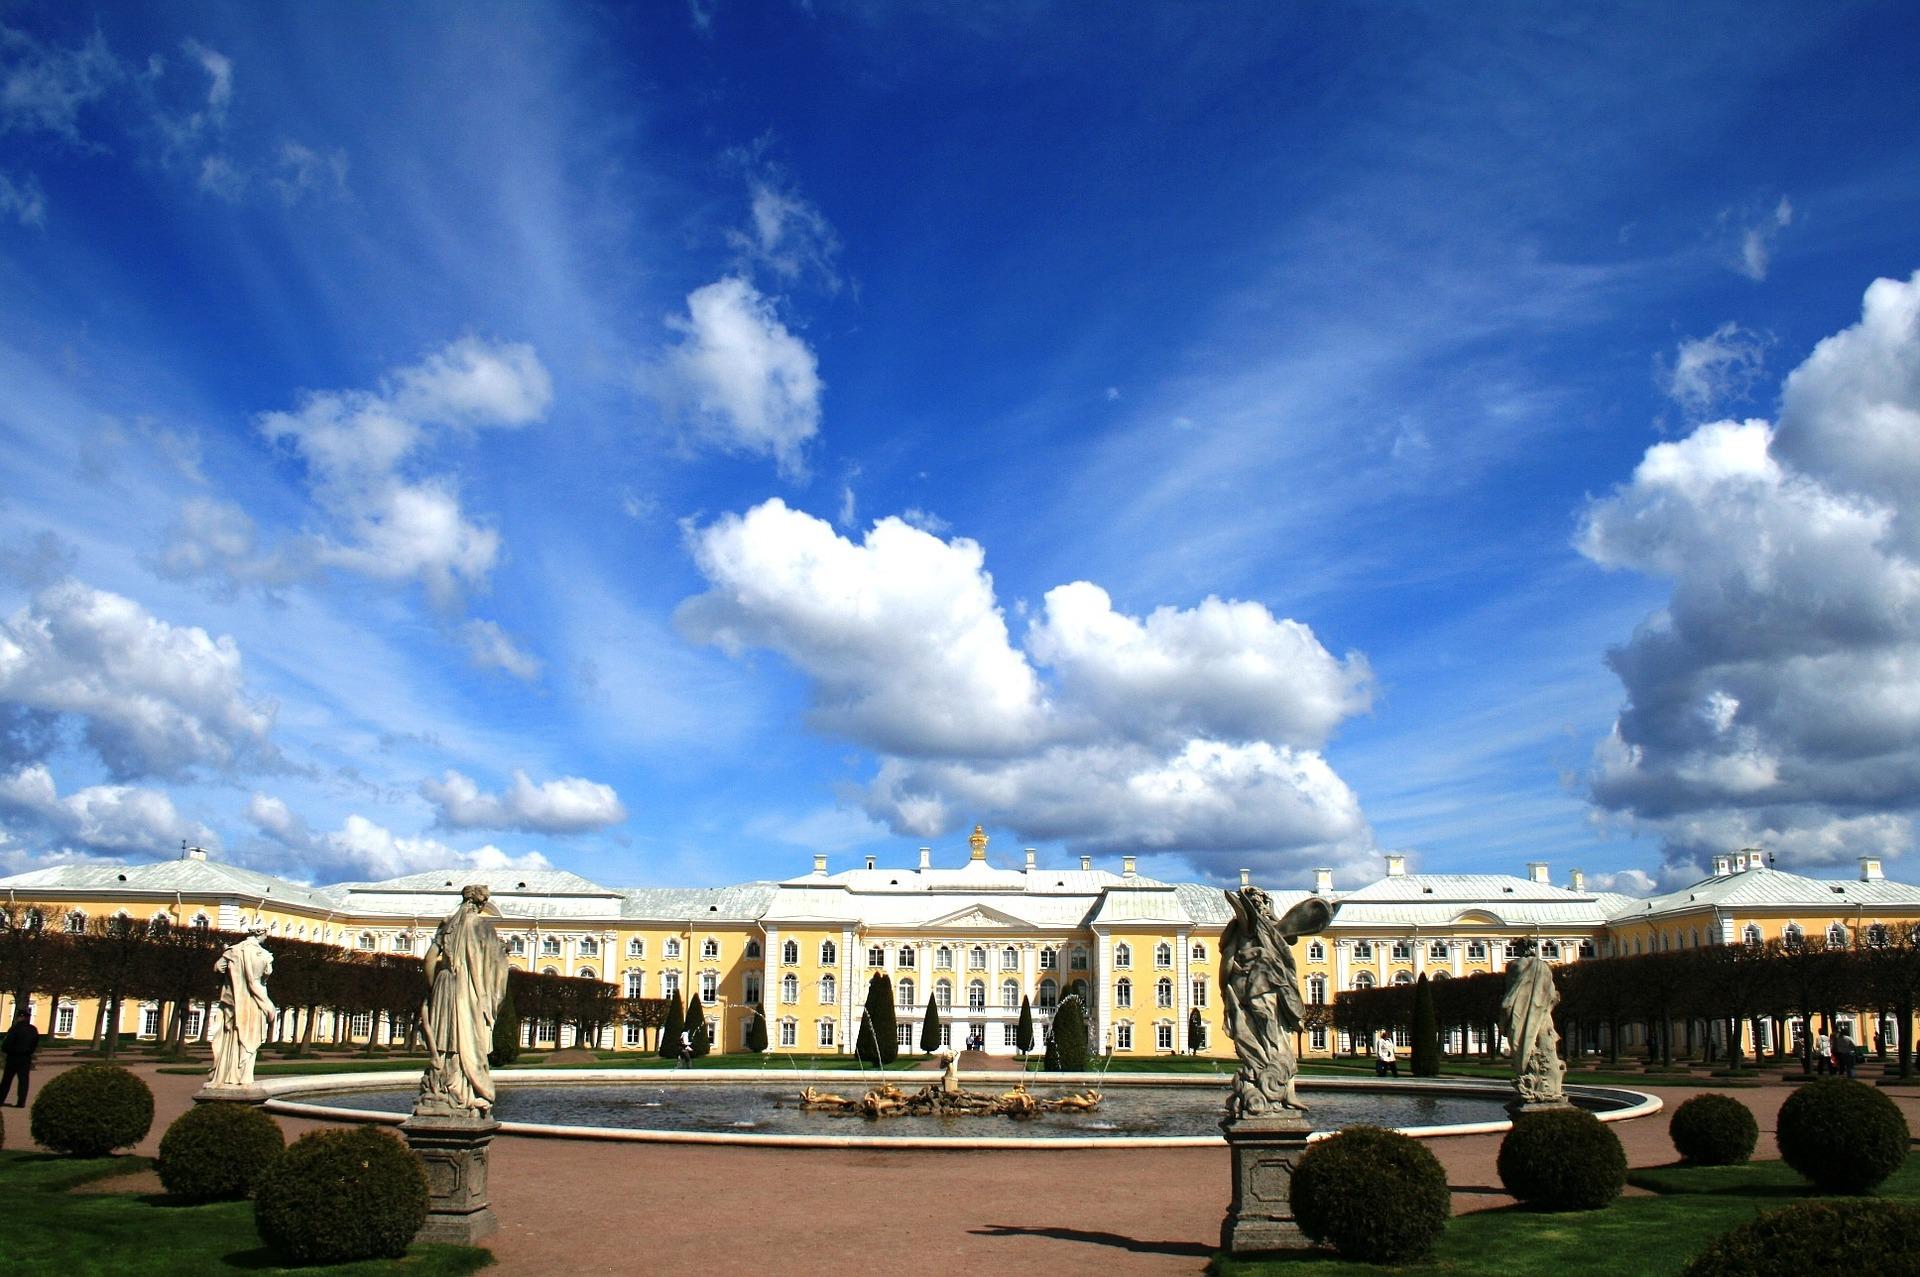 carré avec des statues sous un ciel bleu